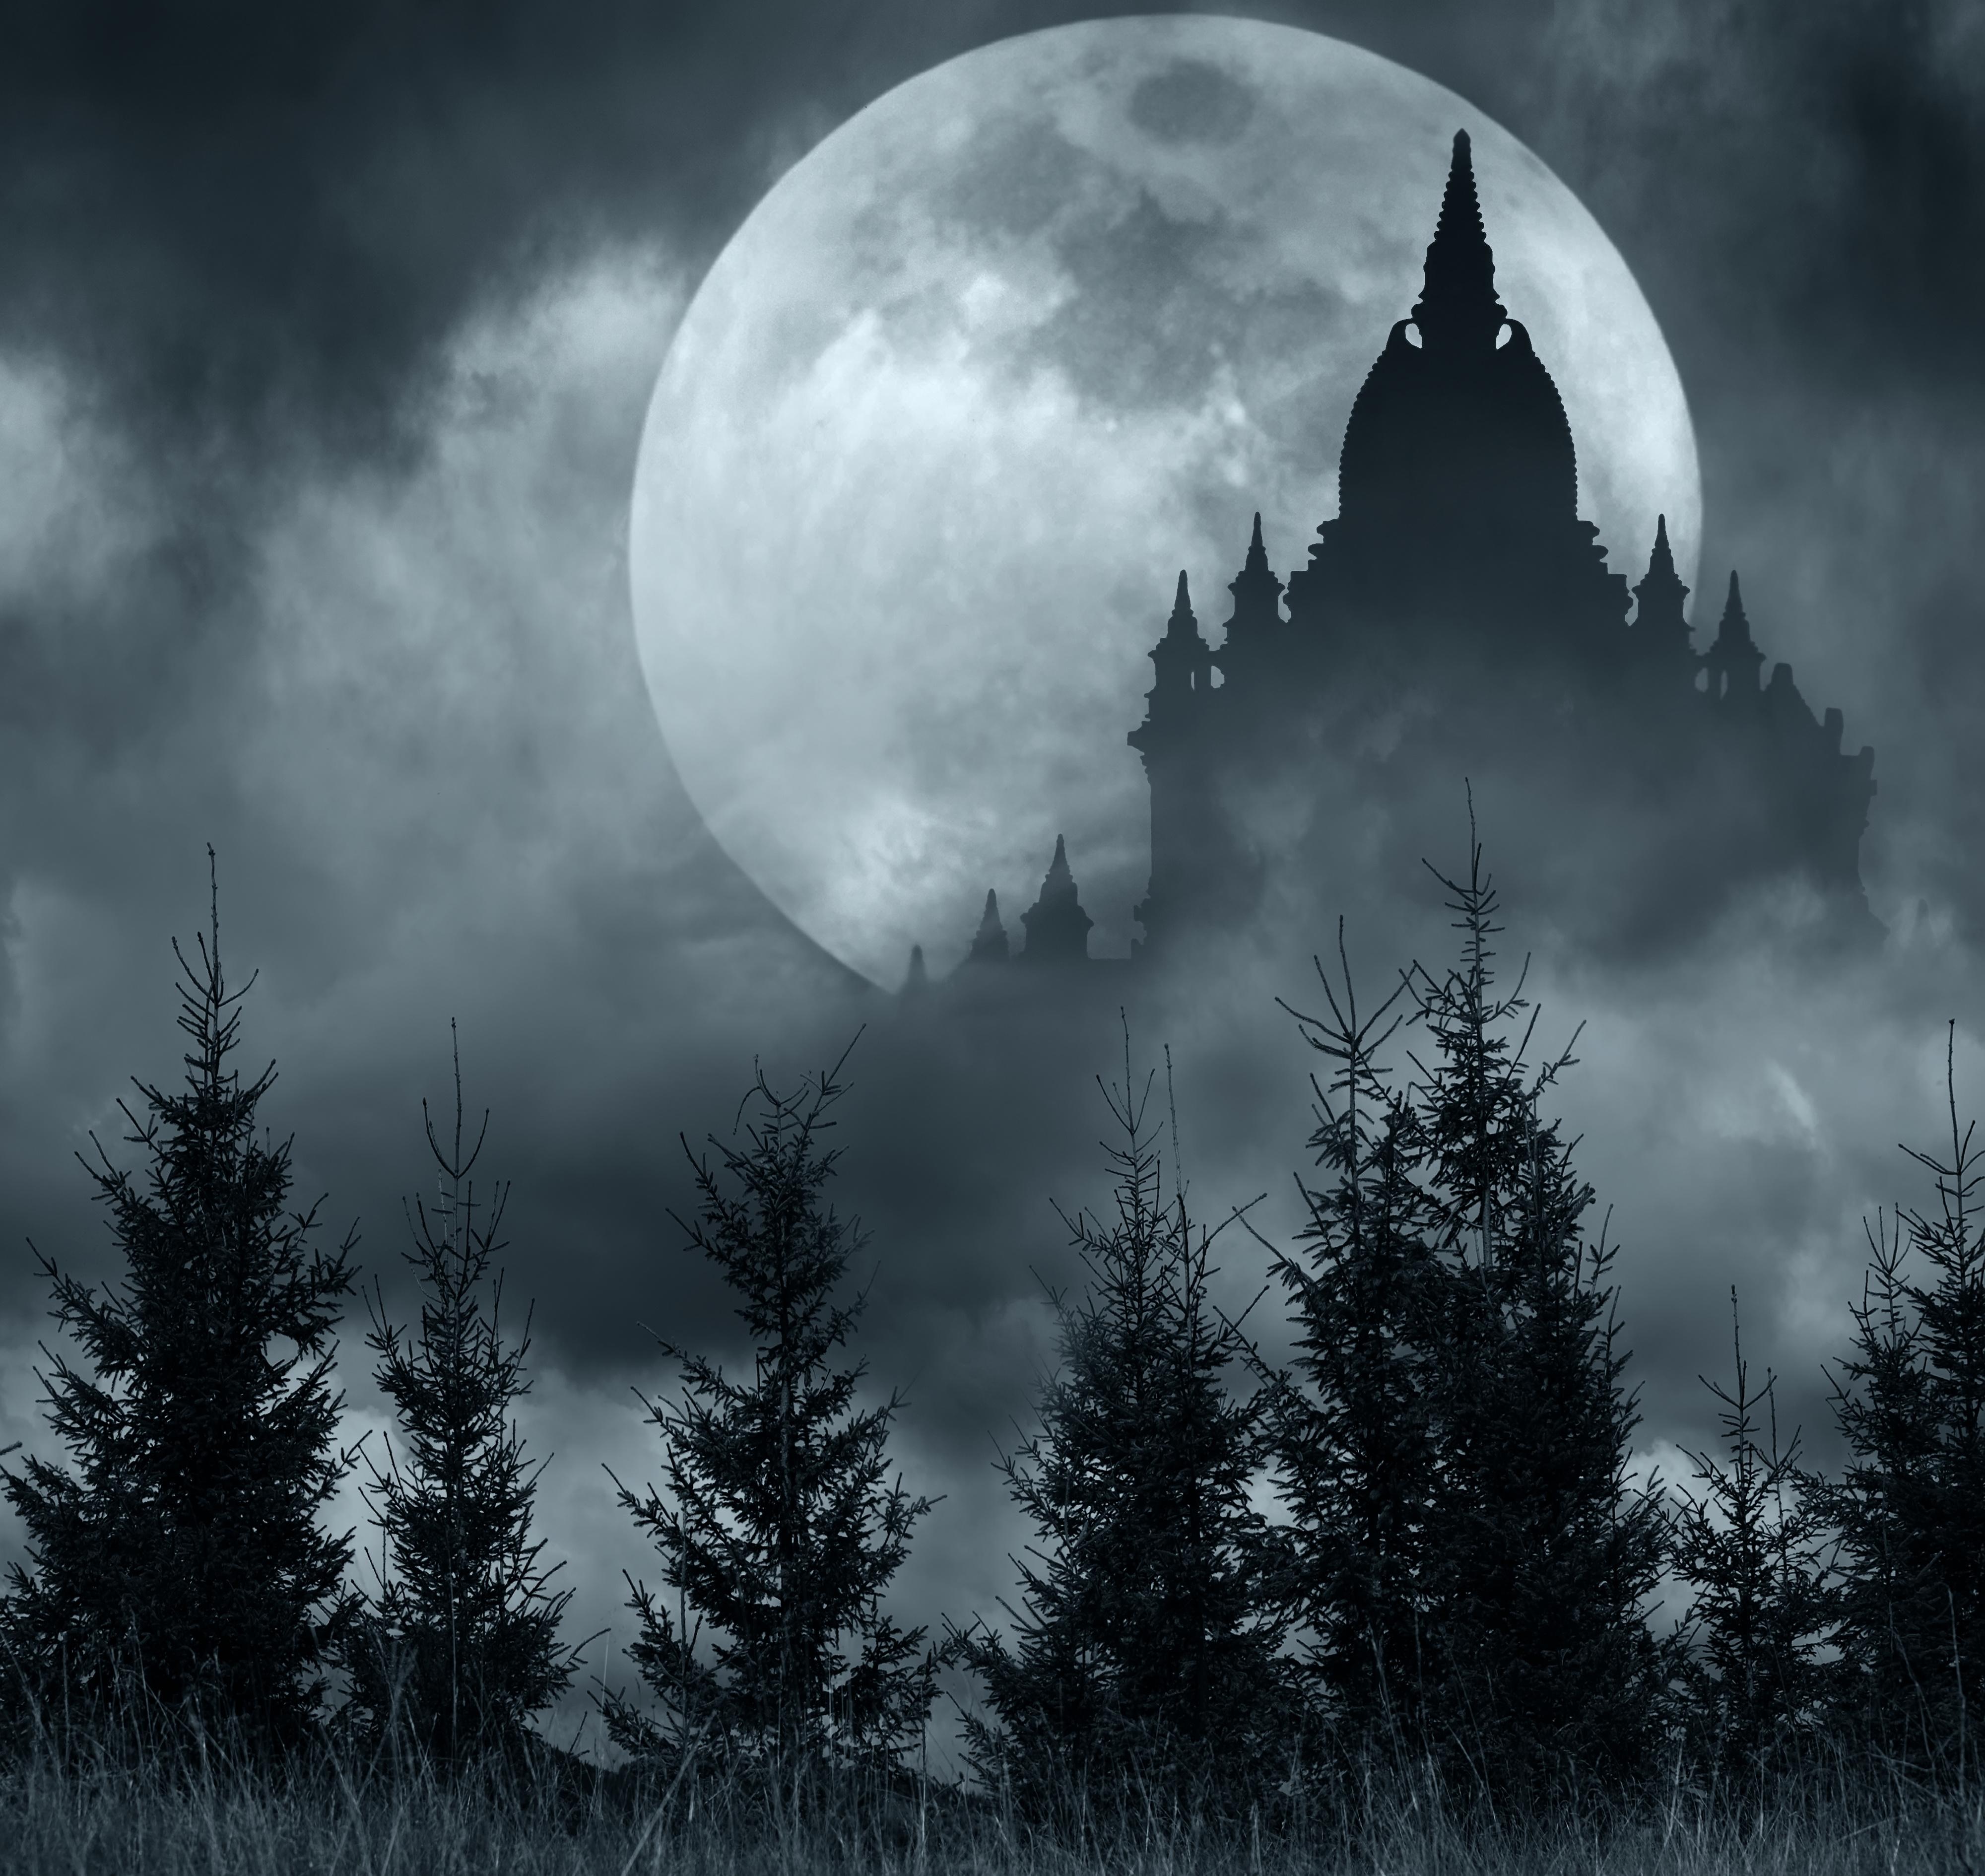 Фотографии Силуэт Ель Природа Луна храм ночью 4000x3780 силуэта силуэты ели луны луной Ночь Храмы в ночи Ночные